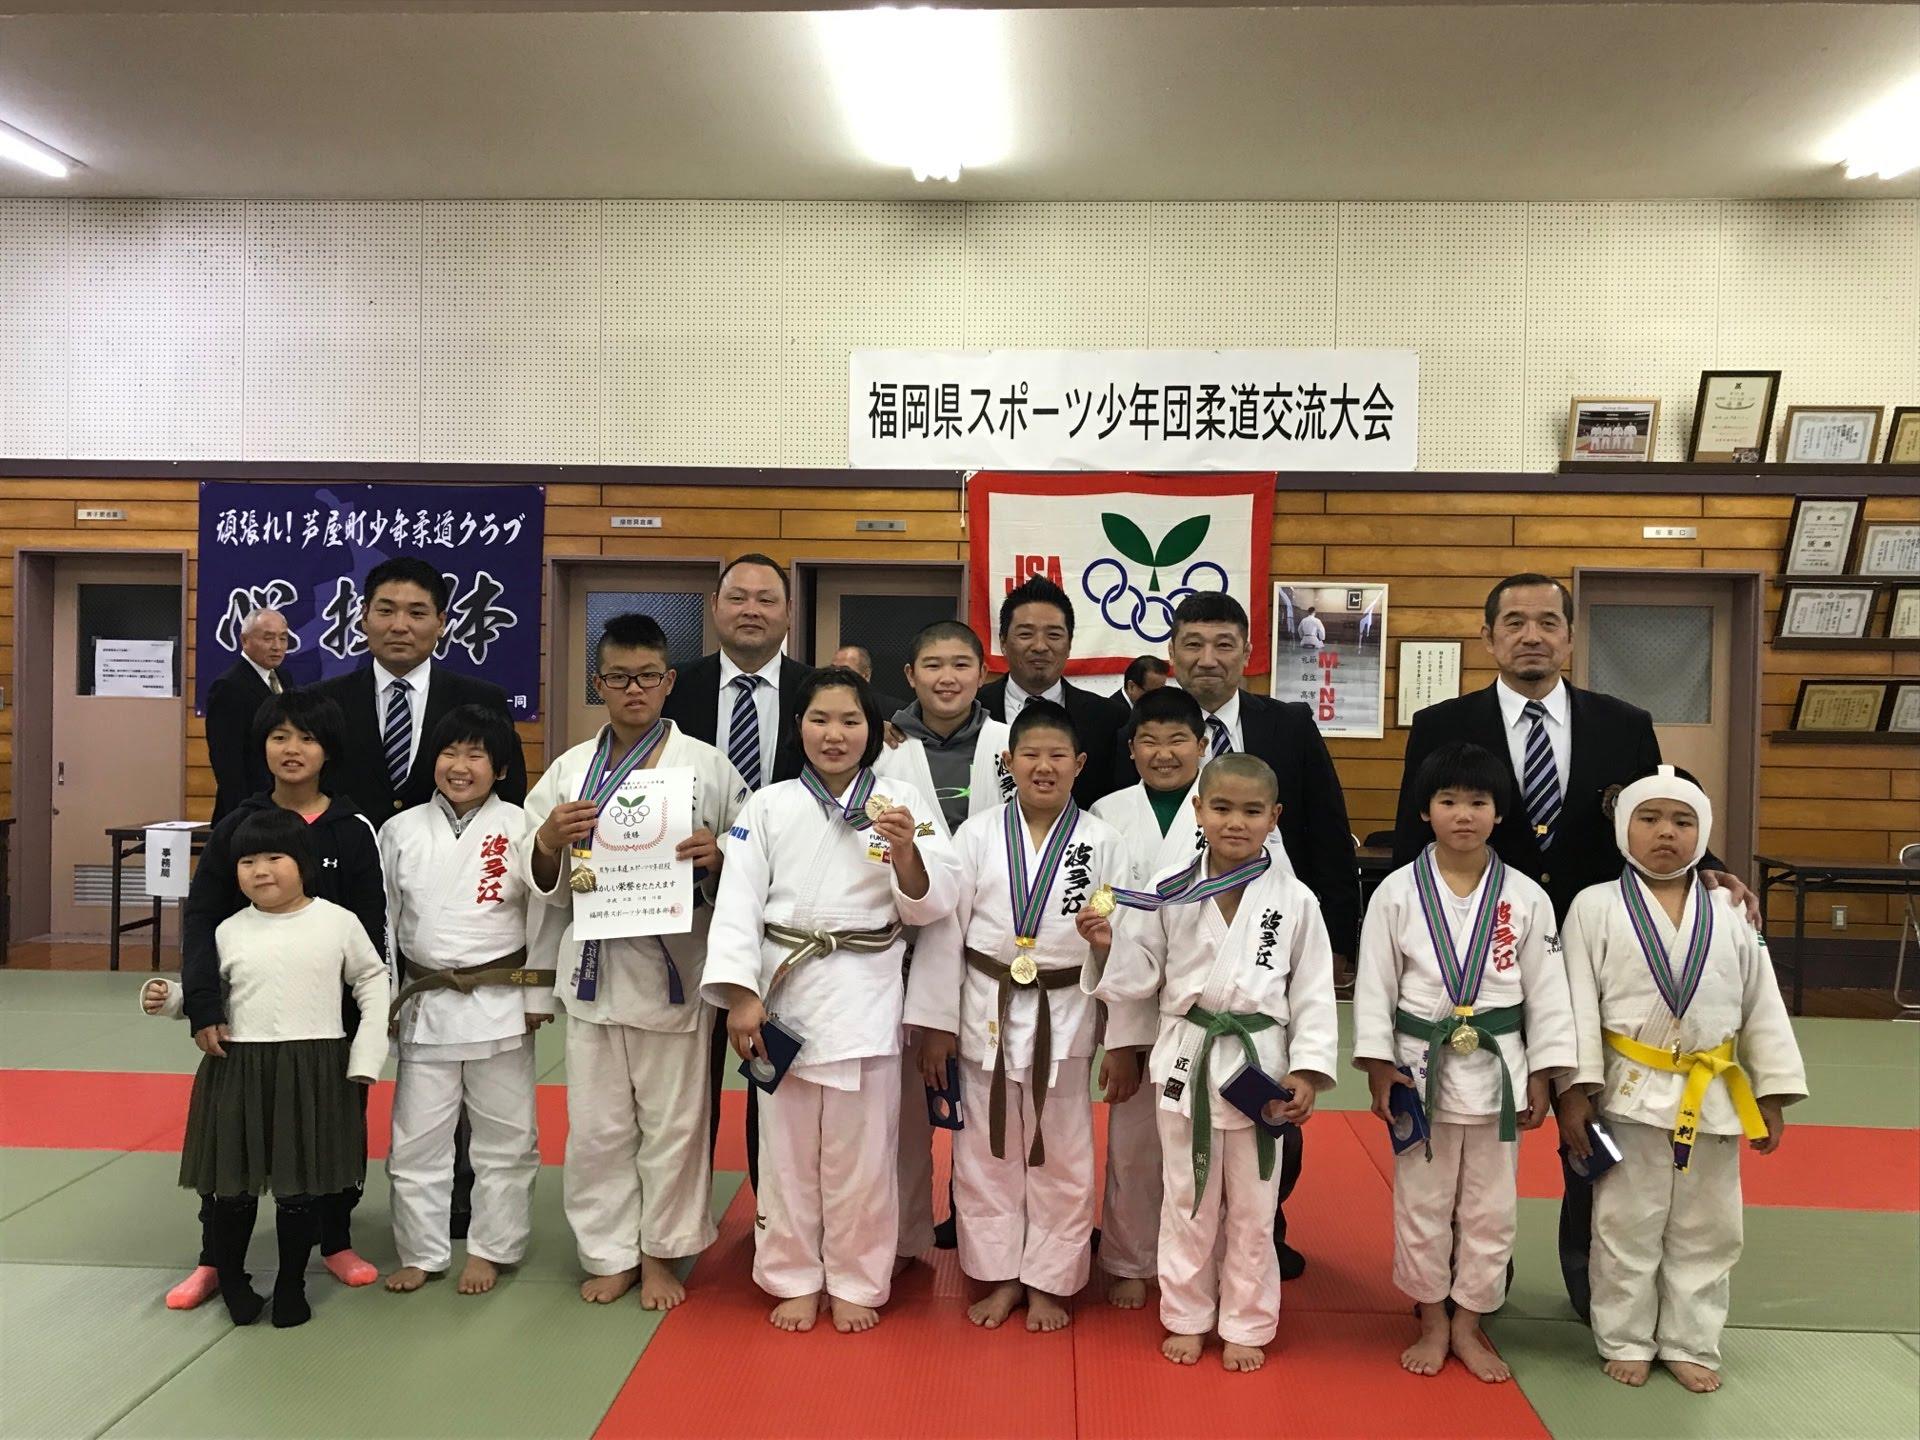 平成30年12月16日(日)第1回福岡県スポーツ少年団柔道交流大会